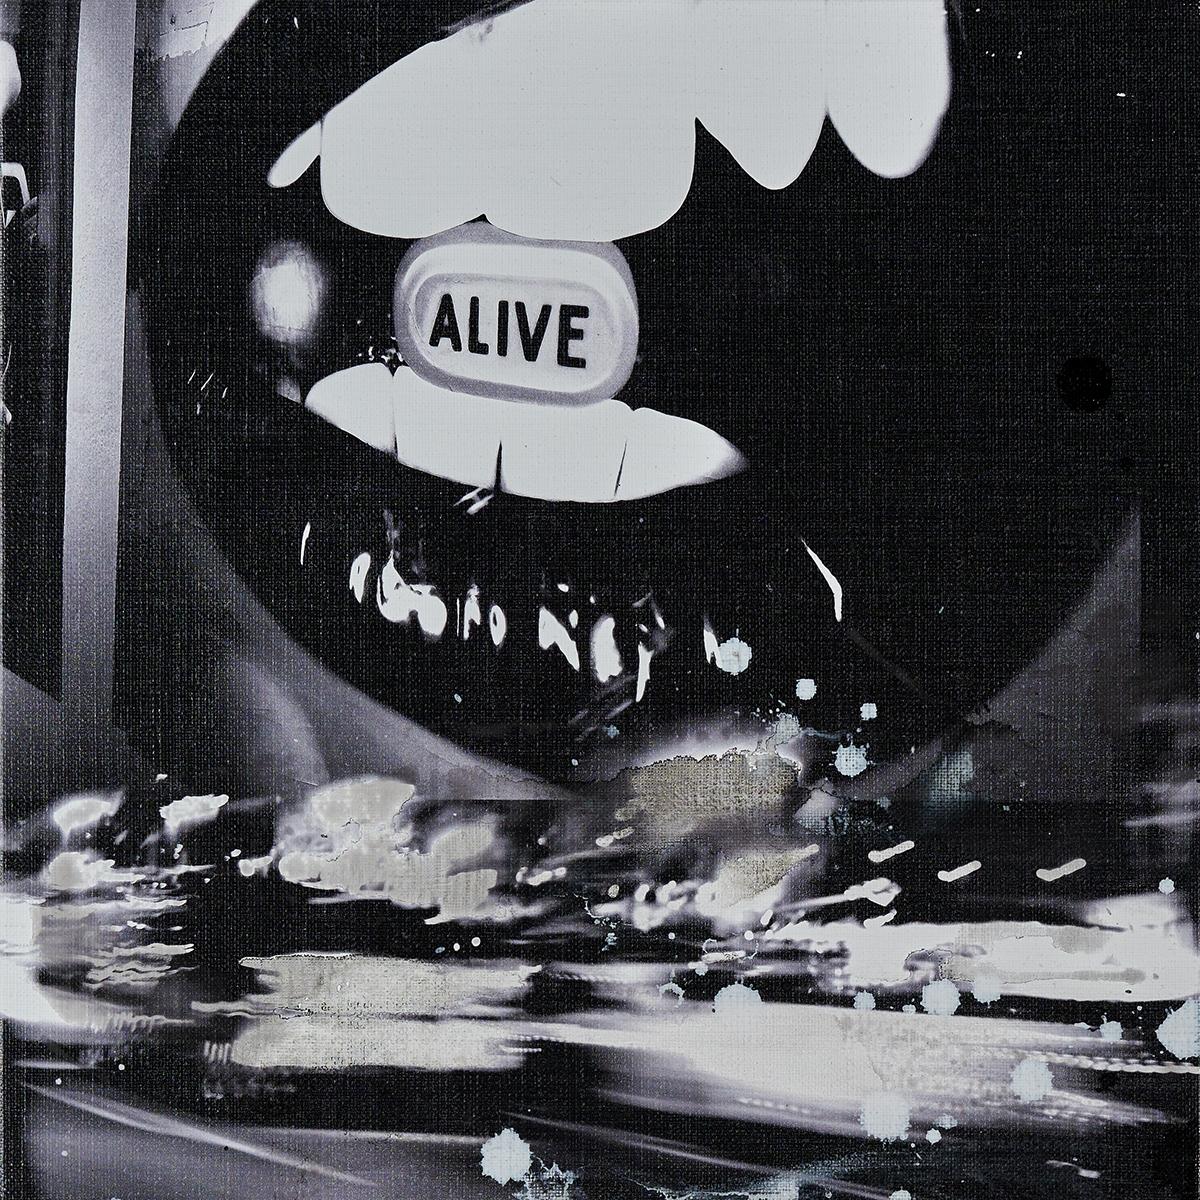 Night Alive - 2020